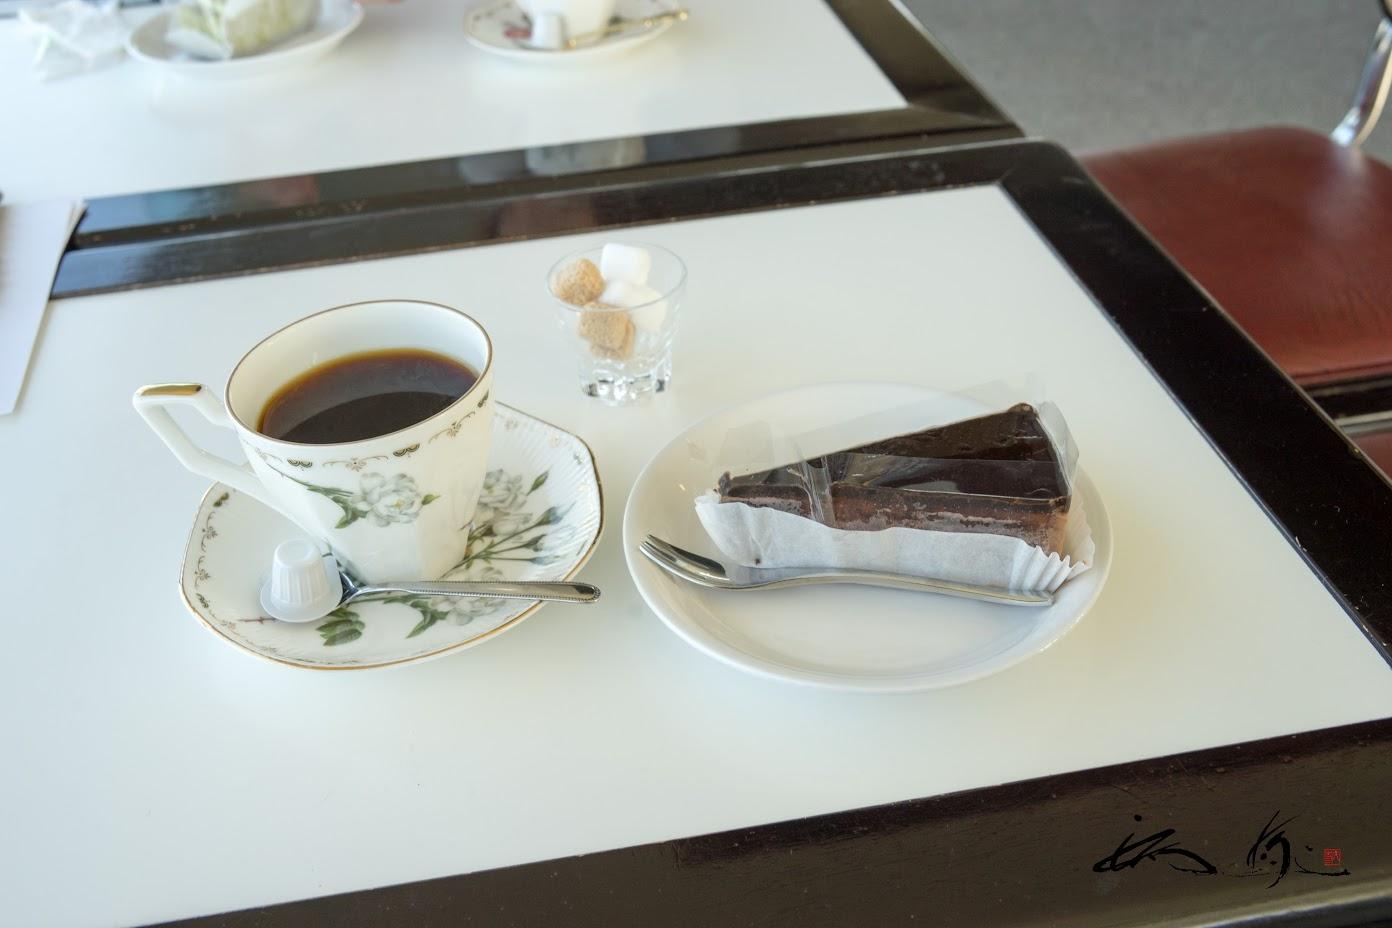 ベルギー産チョコレートの濃厚ショコラセット